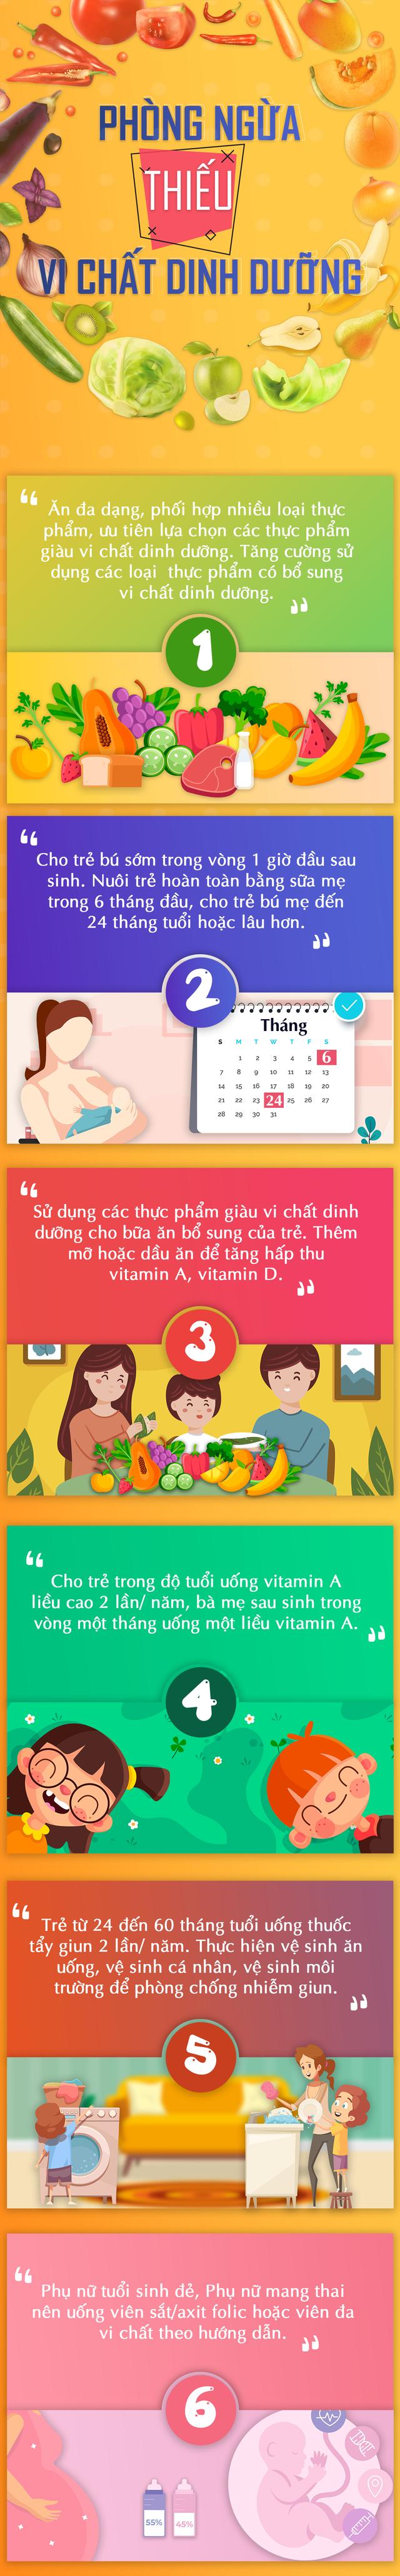 Phòng ngừa thiếu vi chất dinh dưỡng cho trẻ bằng cách nào? - Ảnh 1.